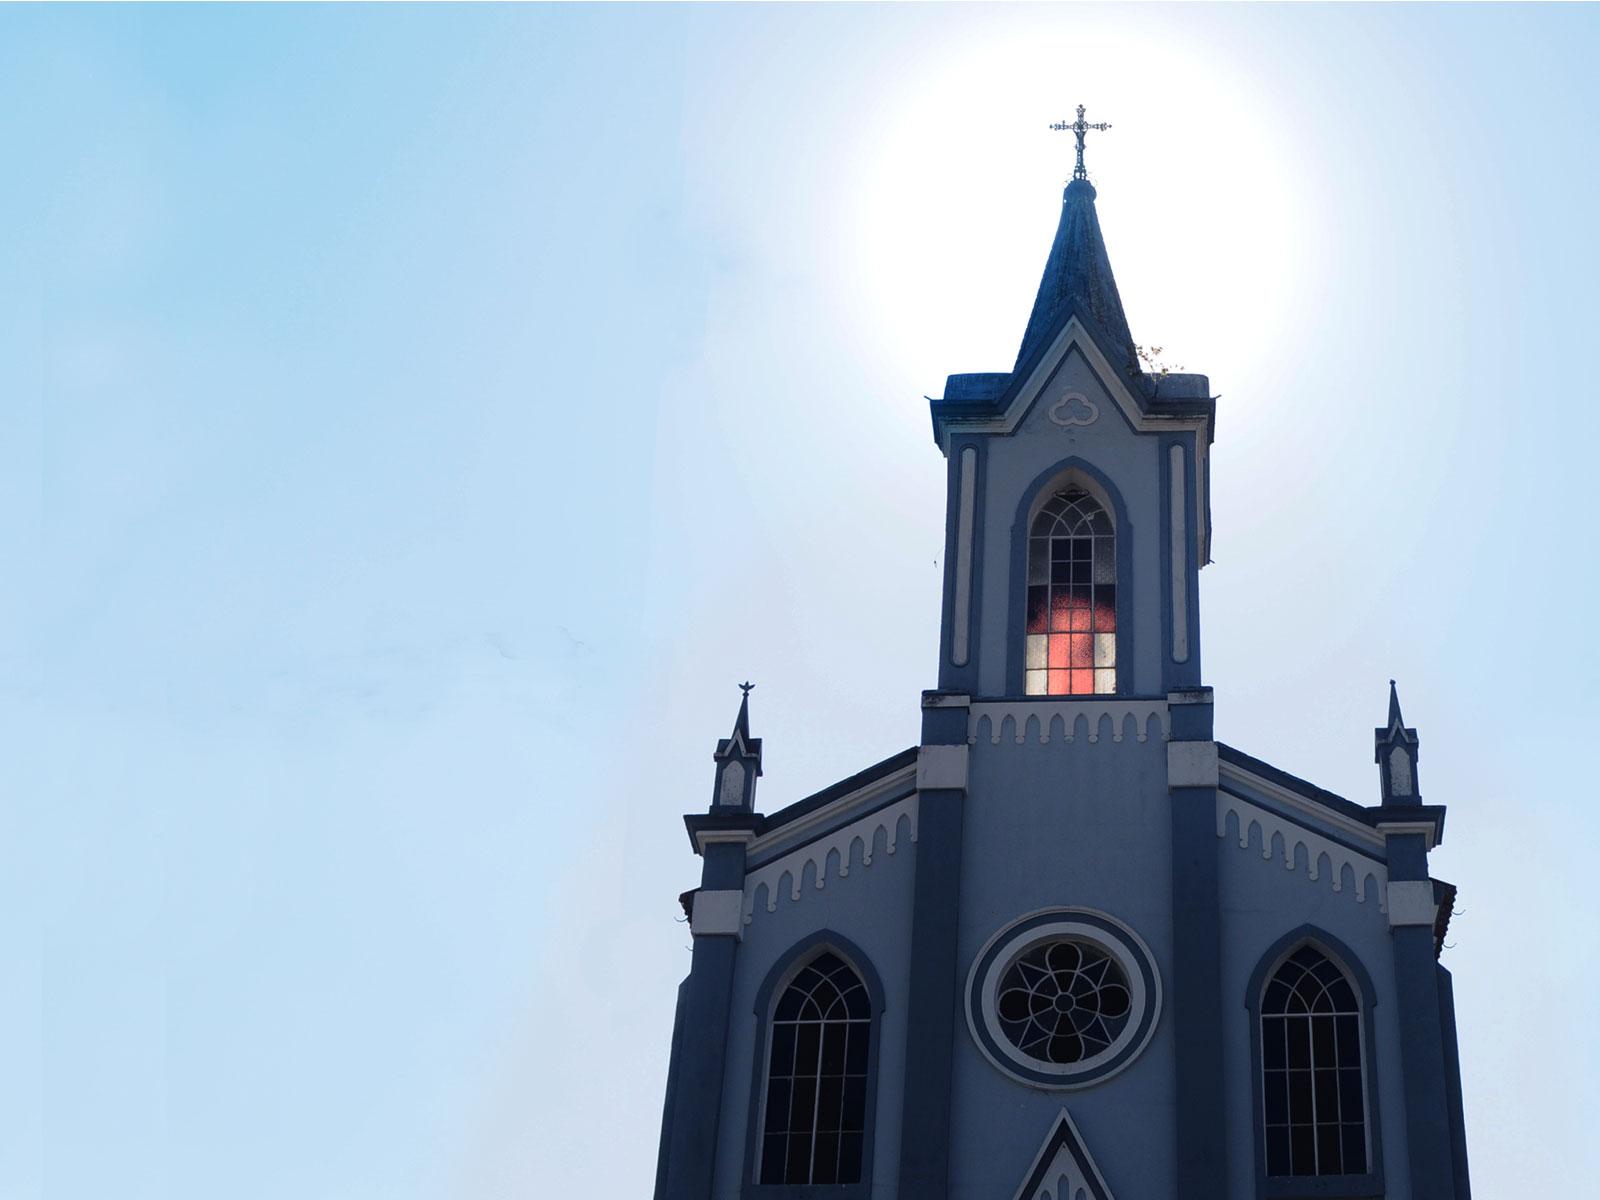 Qual é o lugar mais adequado para rezar?